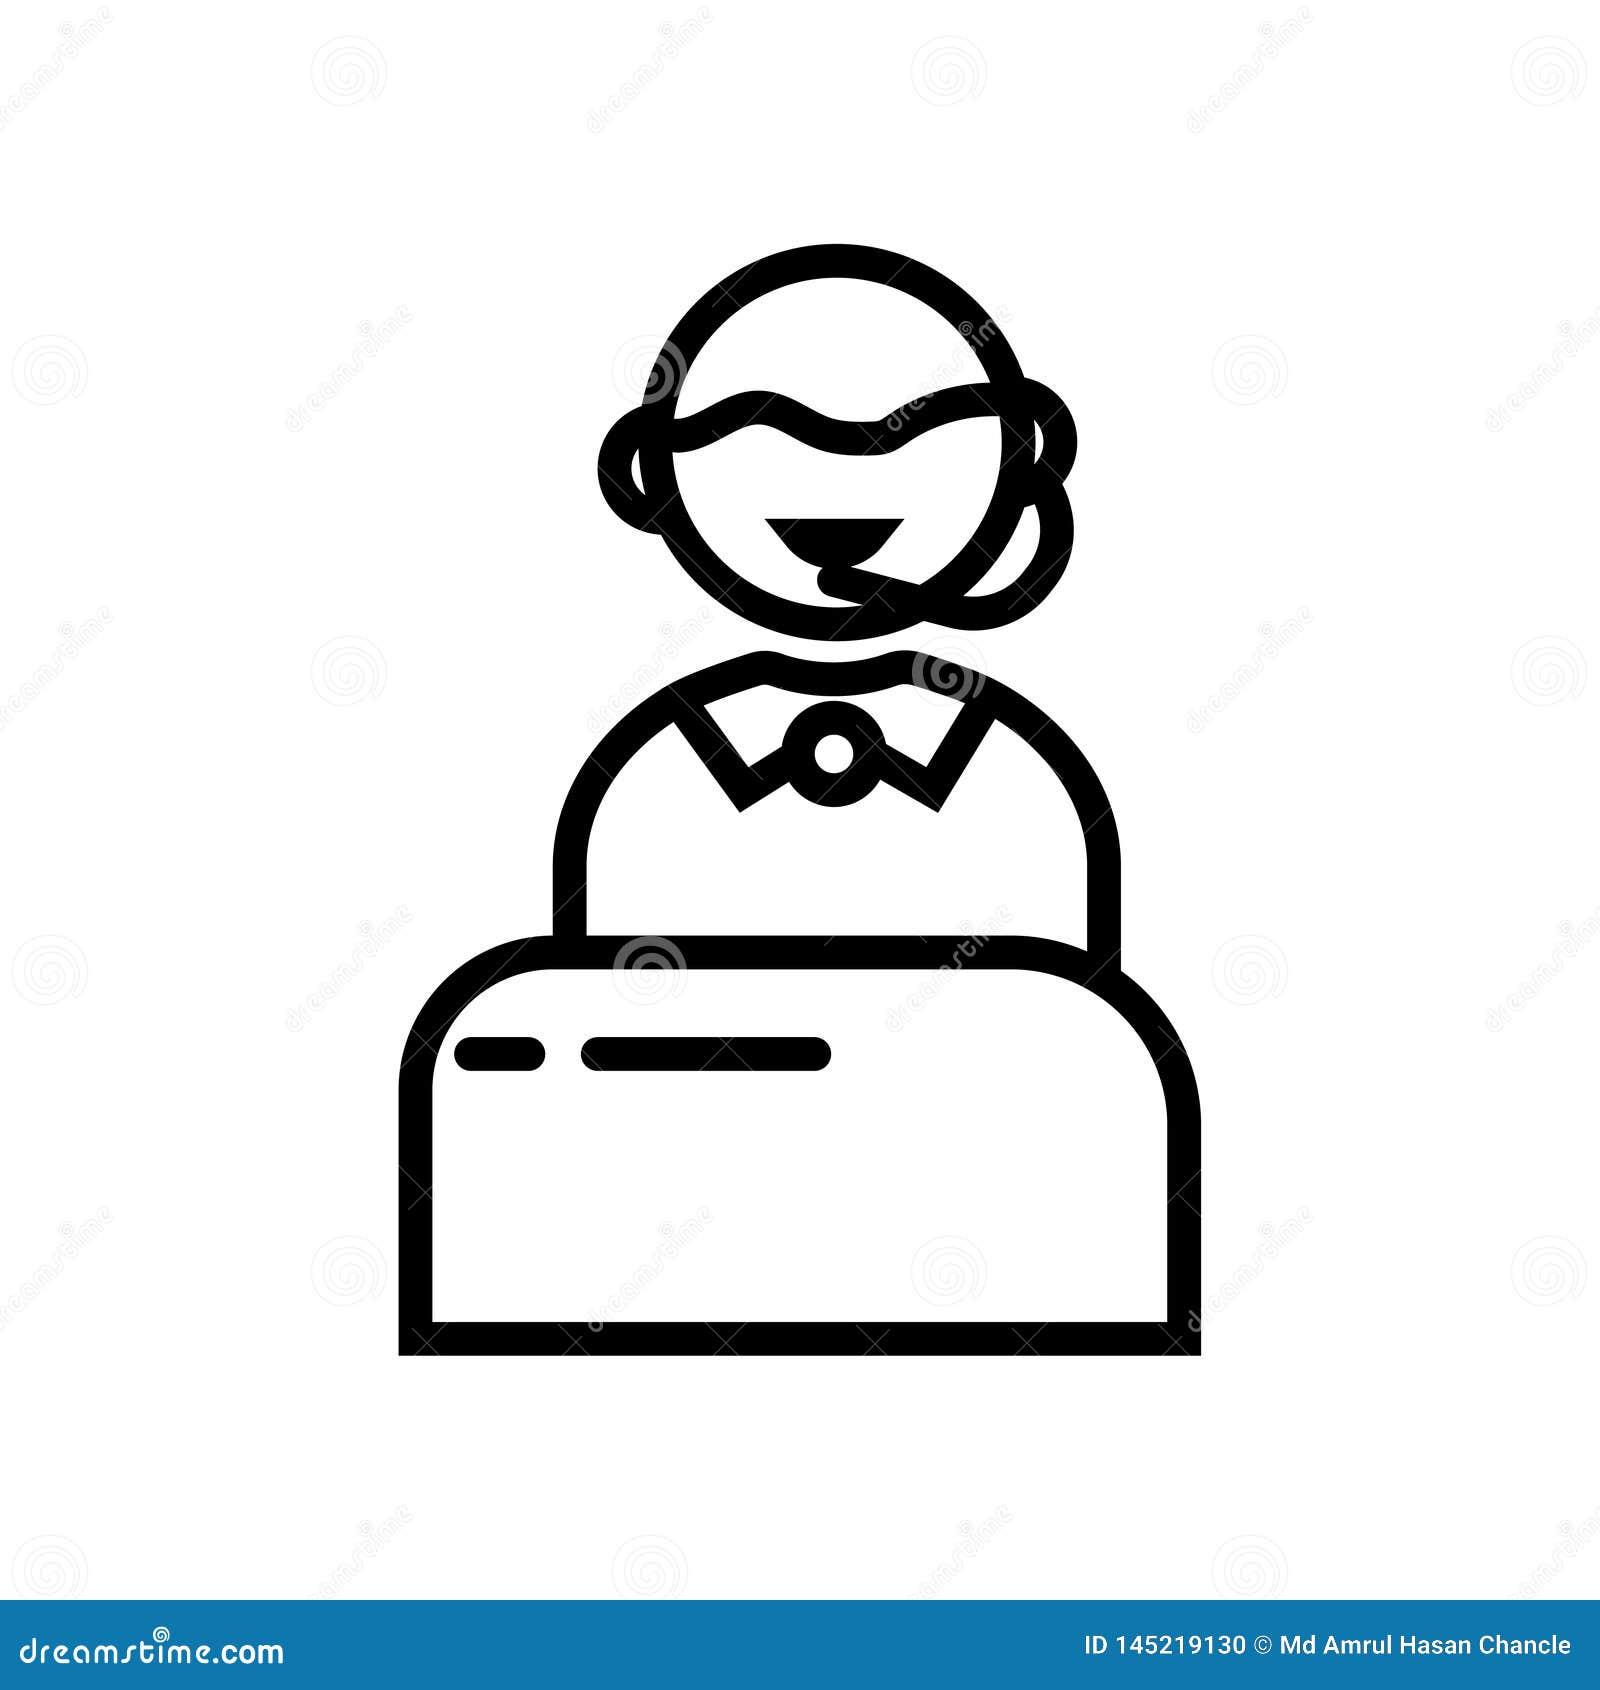 Apoye el icono linear negro del símbolo del ejemplo del vector de la ayuda